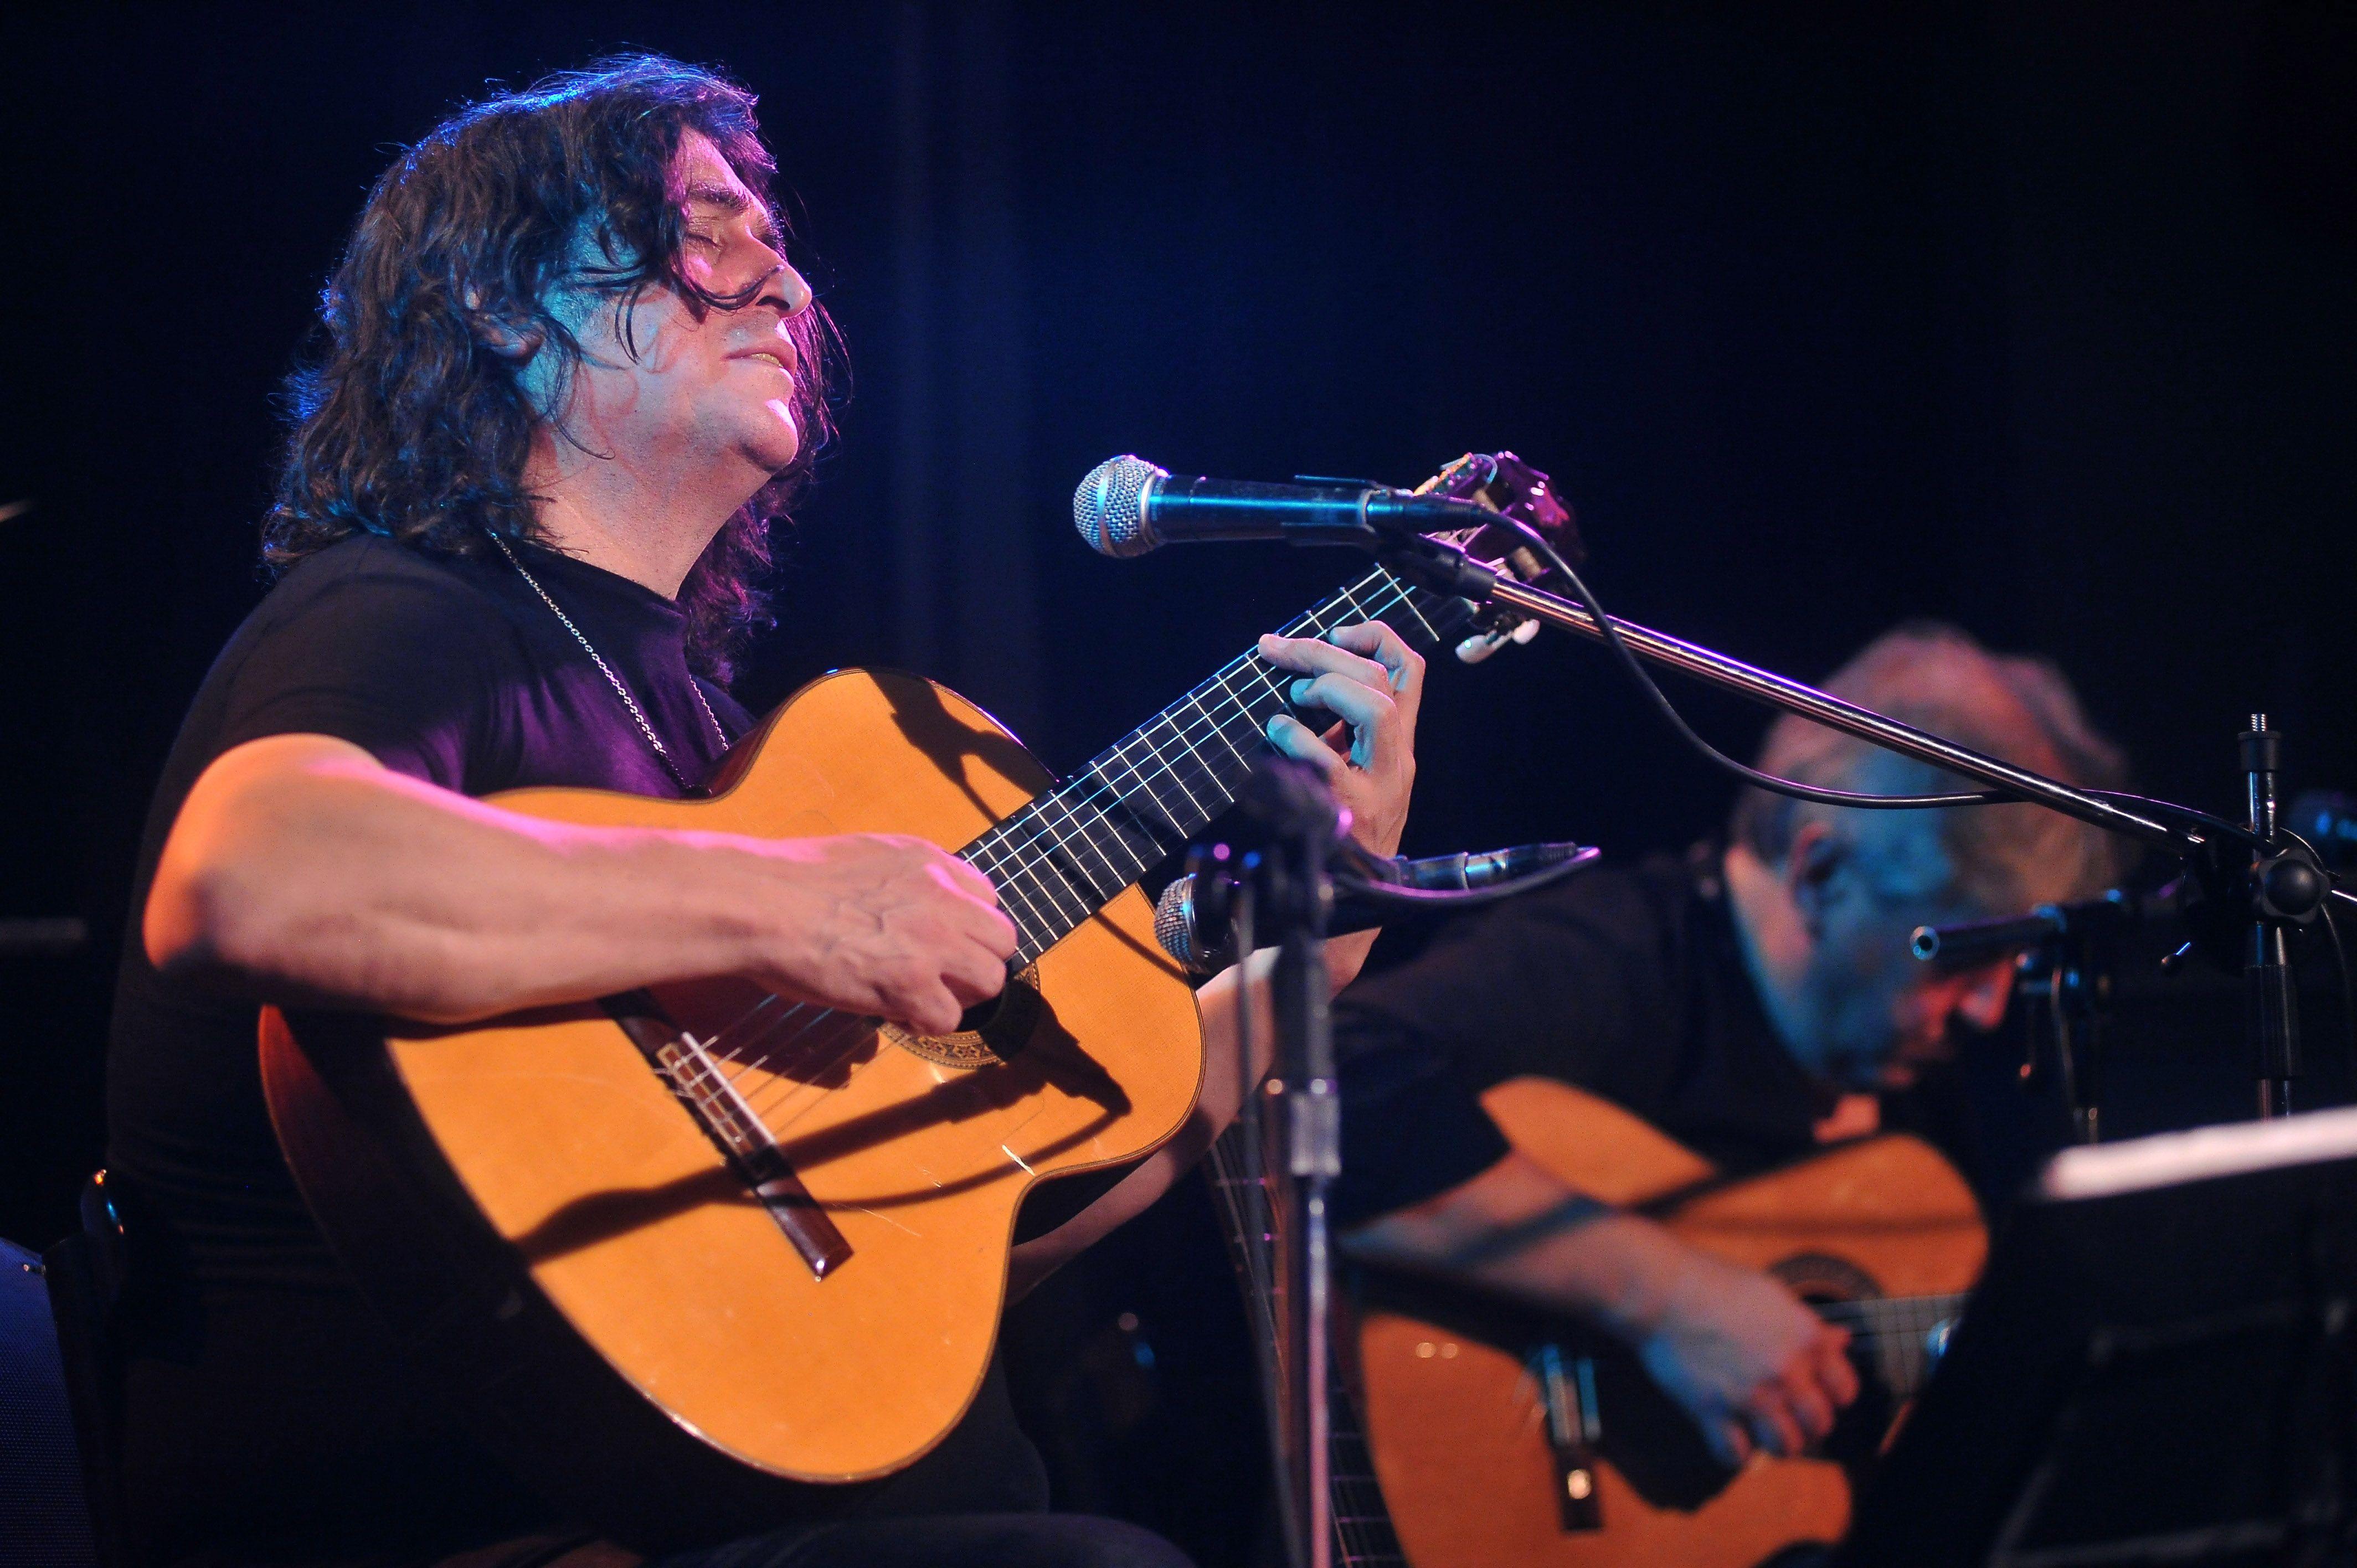 Luis Salinas atraviesa sin prejuicios todos los géneros. Este año volverá a grabar un disco.